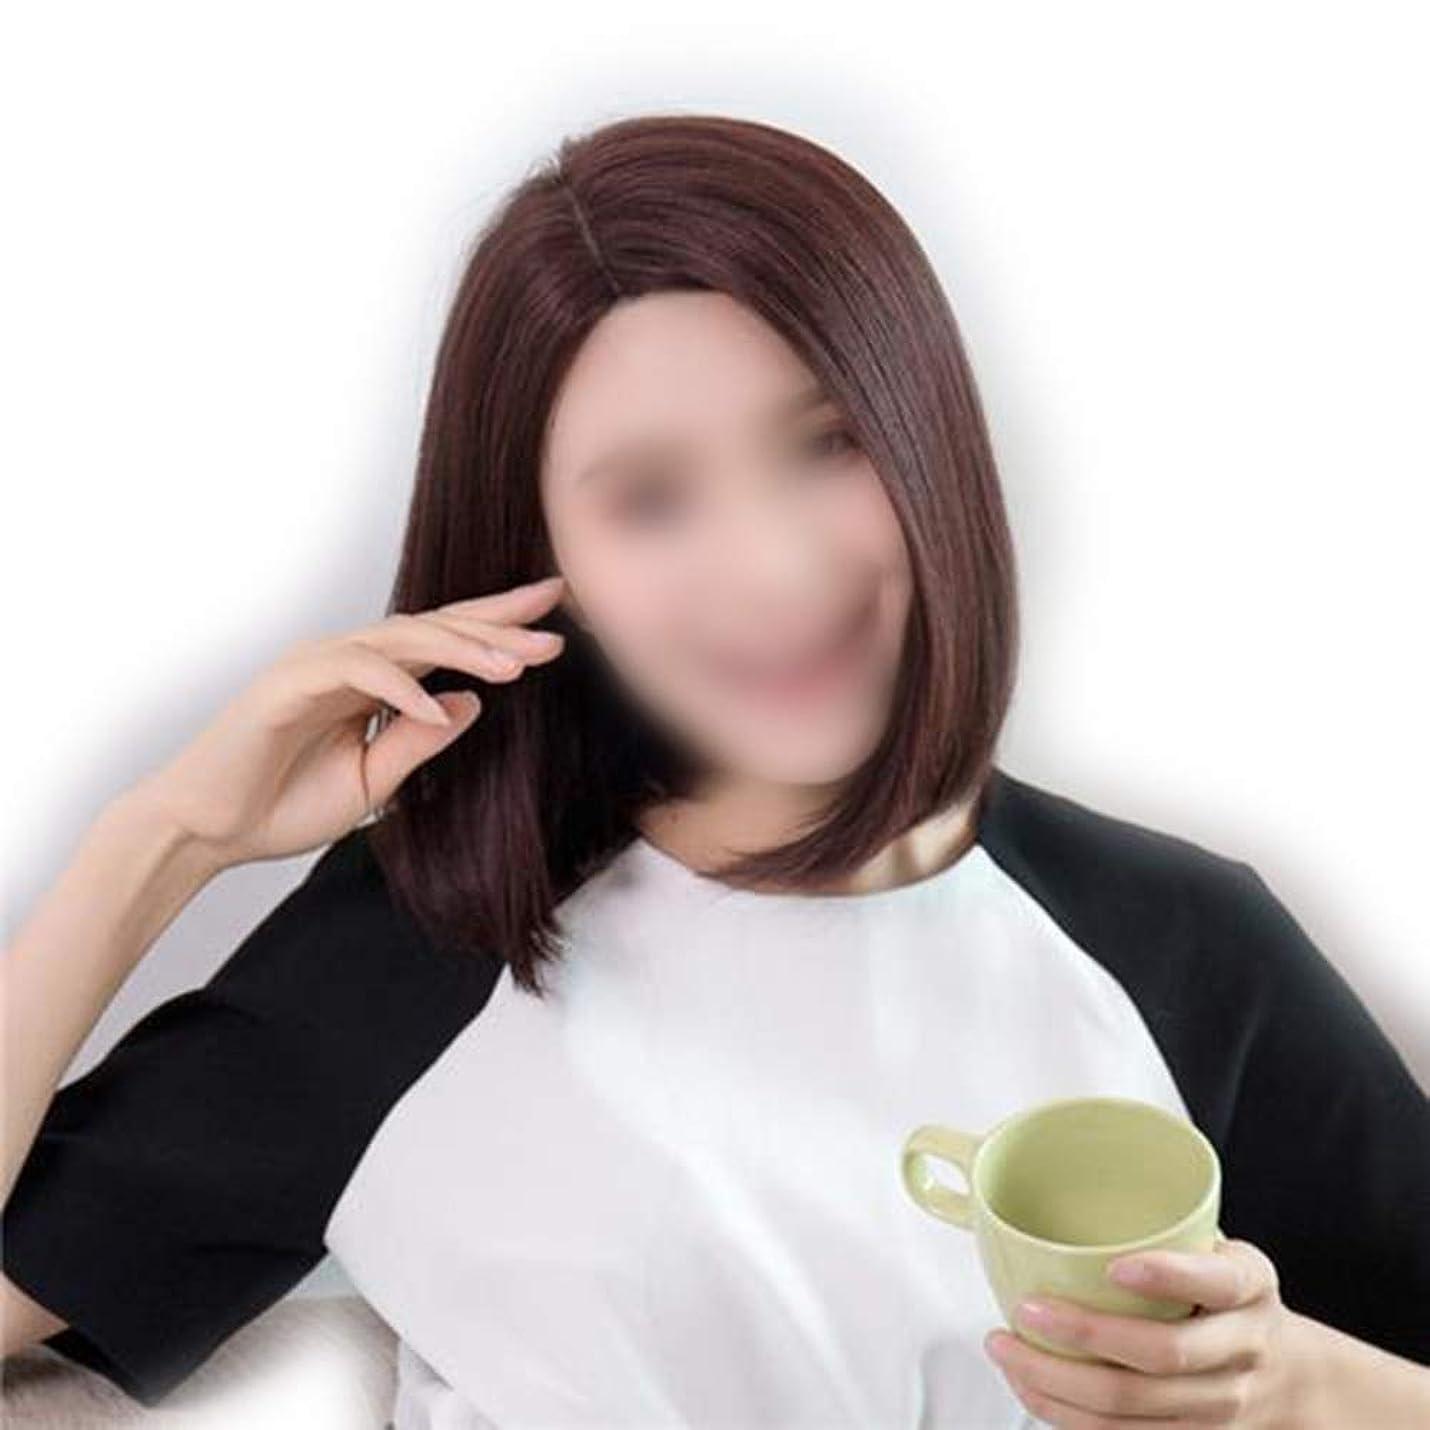 シェルターコモランマスピーチYAHONGOE 女の子のボブショートヘアリアルヘアウィッグバックルミドルロングストレートヘアペアーヘッドウィッグファッションウィッグ (色 : Dark brown)